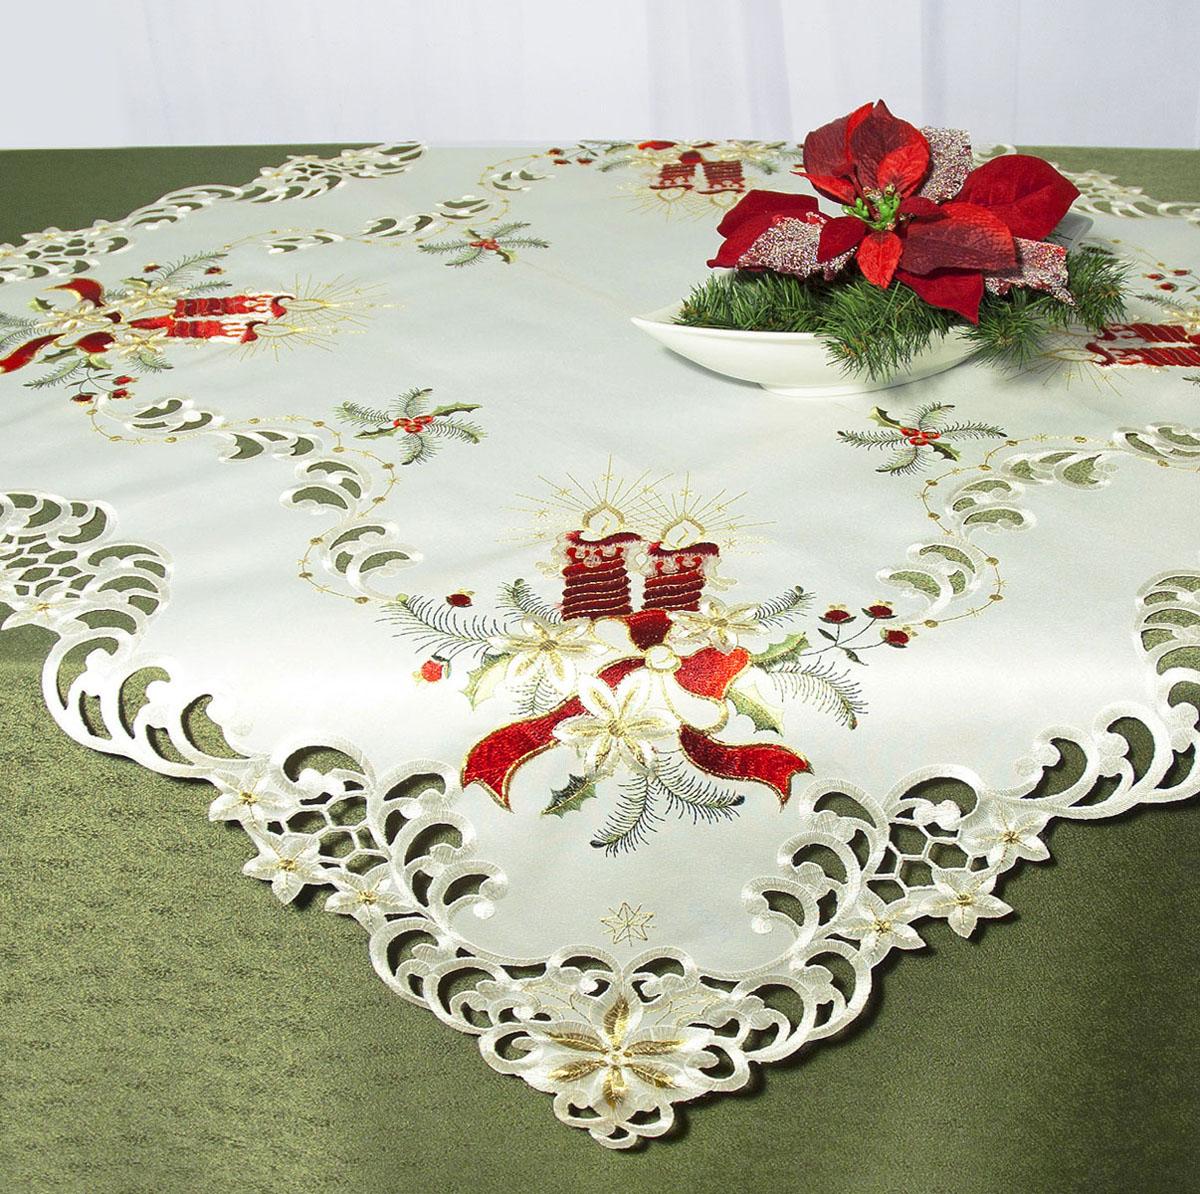 Скатерть Schaefer, квадратная, цвет: белый, красный, 85x 85 см. 07483-100VT-1520(SR)Скатерть Schaefer изготовлена из высококачественного полиэстера и украшена новогодней вышивкой. Края изделия оформлены вышивкой в технике ришелье.Изделия из полиэстера легко стирать: они не мнутся, не садятся и быстро сохнут, они более долговечны, чем изделия из натуральных волокон. Кроме того, ткань обладает водоотталкивающими свойствами. Такая скатерть будет просто не заменима на кухне, а особенно на вашем обеденном столе на даче под открытым небом. Скатерть Schaefer не останется без внимания ваших гостей, а вас будет ежедневно радовать ярким дизайном и несравненным качеством.Немецкая компания Schaefer создана в 1921 году. На протяжении всего времени существования она создает уникальные коллекции домашнего текстиля для гостиных, спален, кухонь и ванных комнат. Дизайнерские идеи немецких художников компании Schaefer воплощаются в текстильных изделиях, которые сделают ваш дом красивее и уютнее и не останутся незамеченными вашими гостями. Дарите себе и близким красоту каждый день! Изысканный текстиль от немецкой компании Schaefer - это красота, стиль и уют в вашем доме.